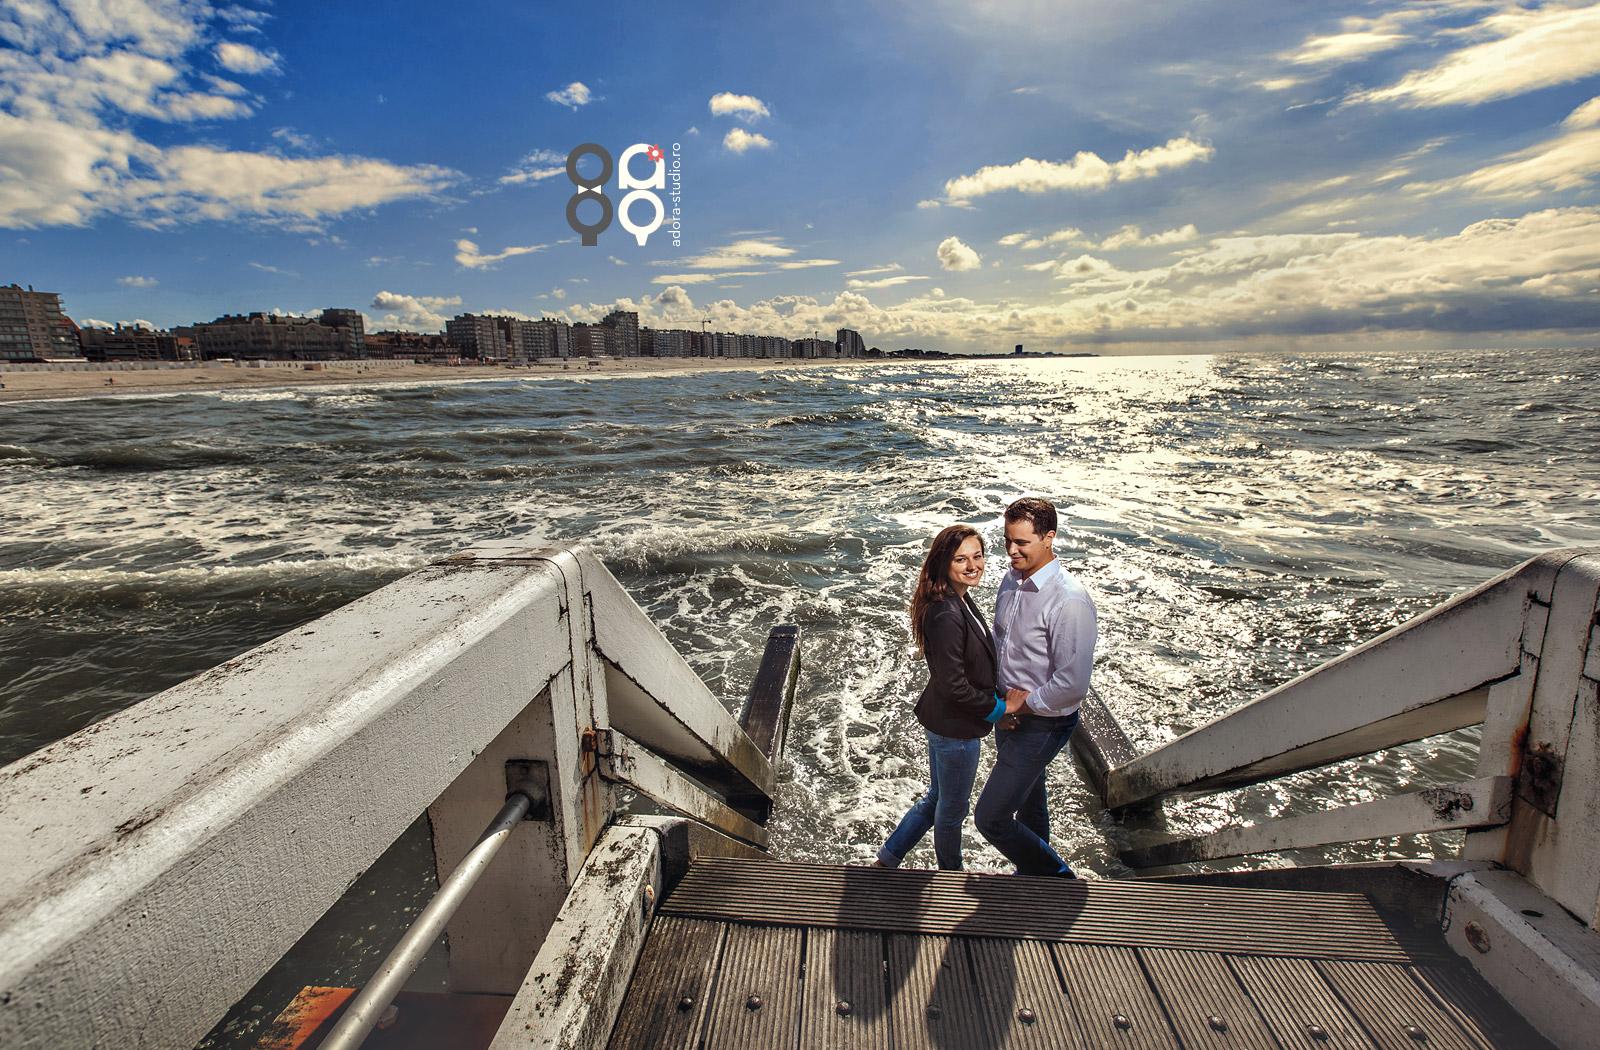 sedinta foto logodna la mare